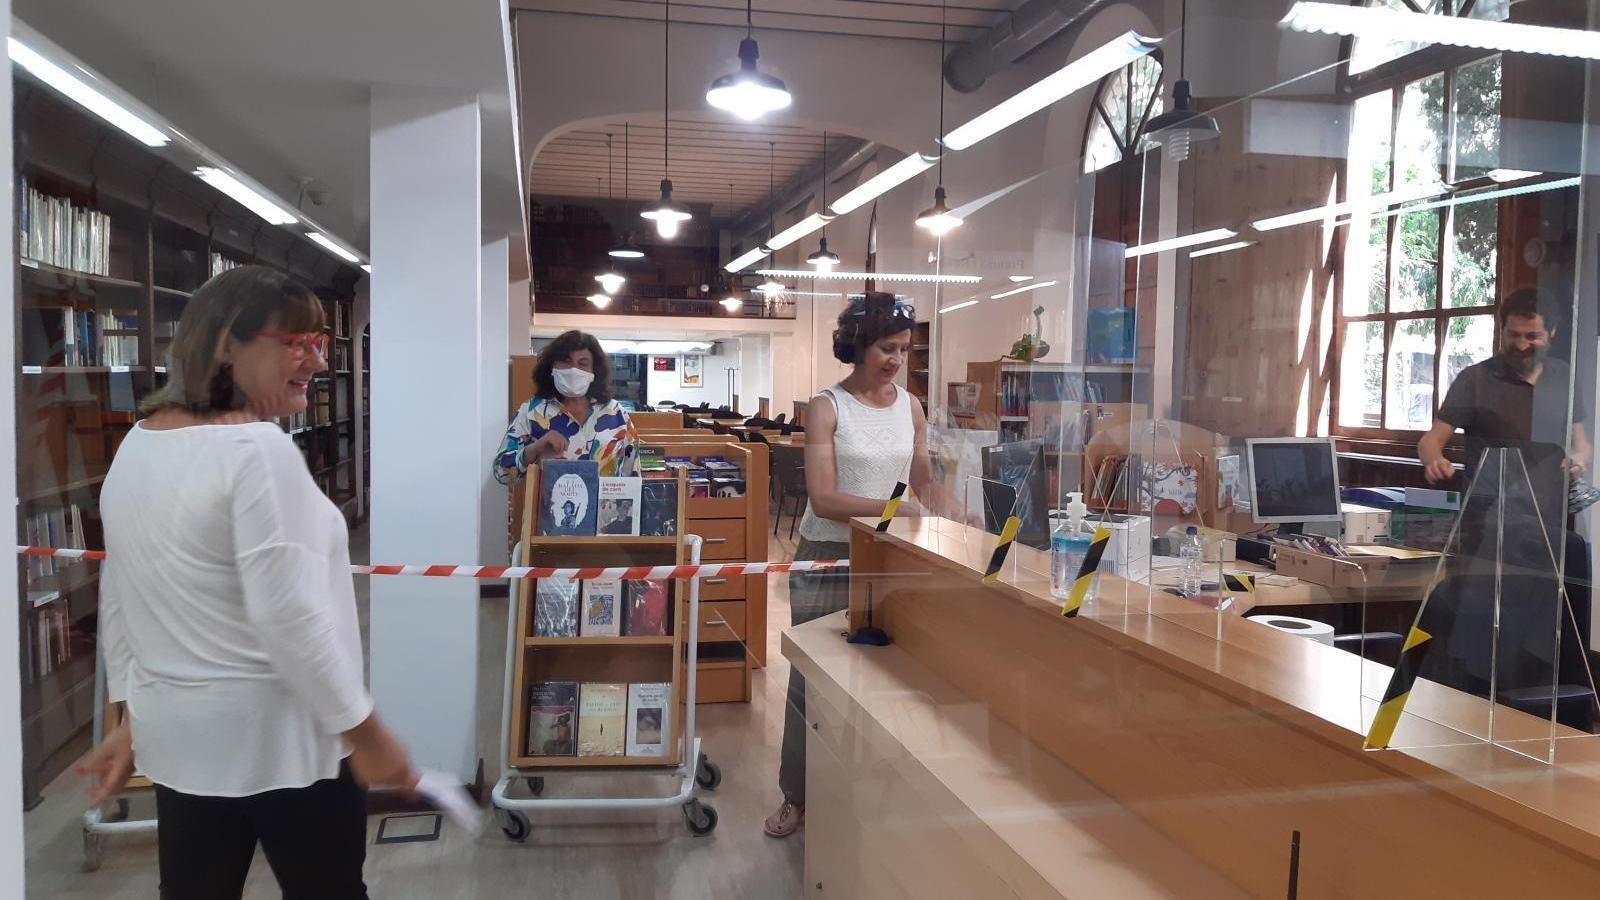 La consellera insular de cultura, Bel Busquets, amb el personal de  la Biblioteca de Cultura Artesana